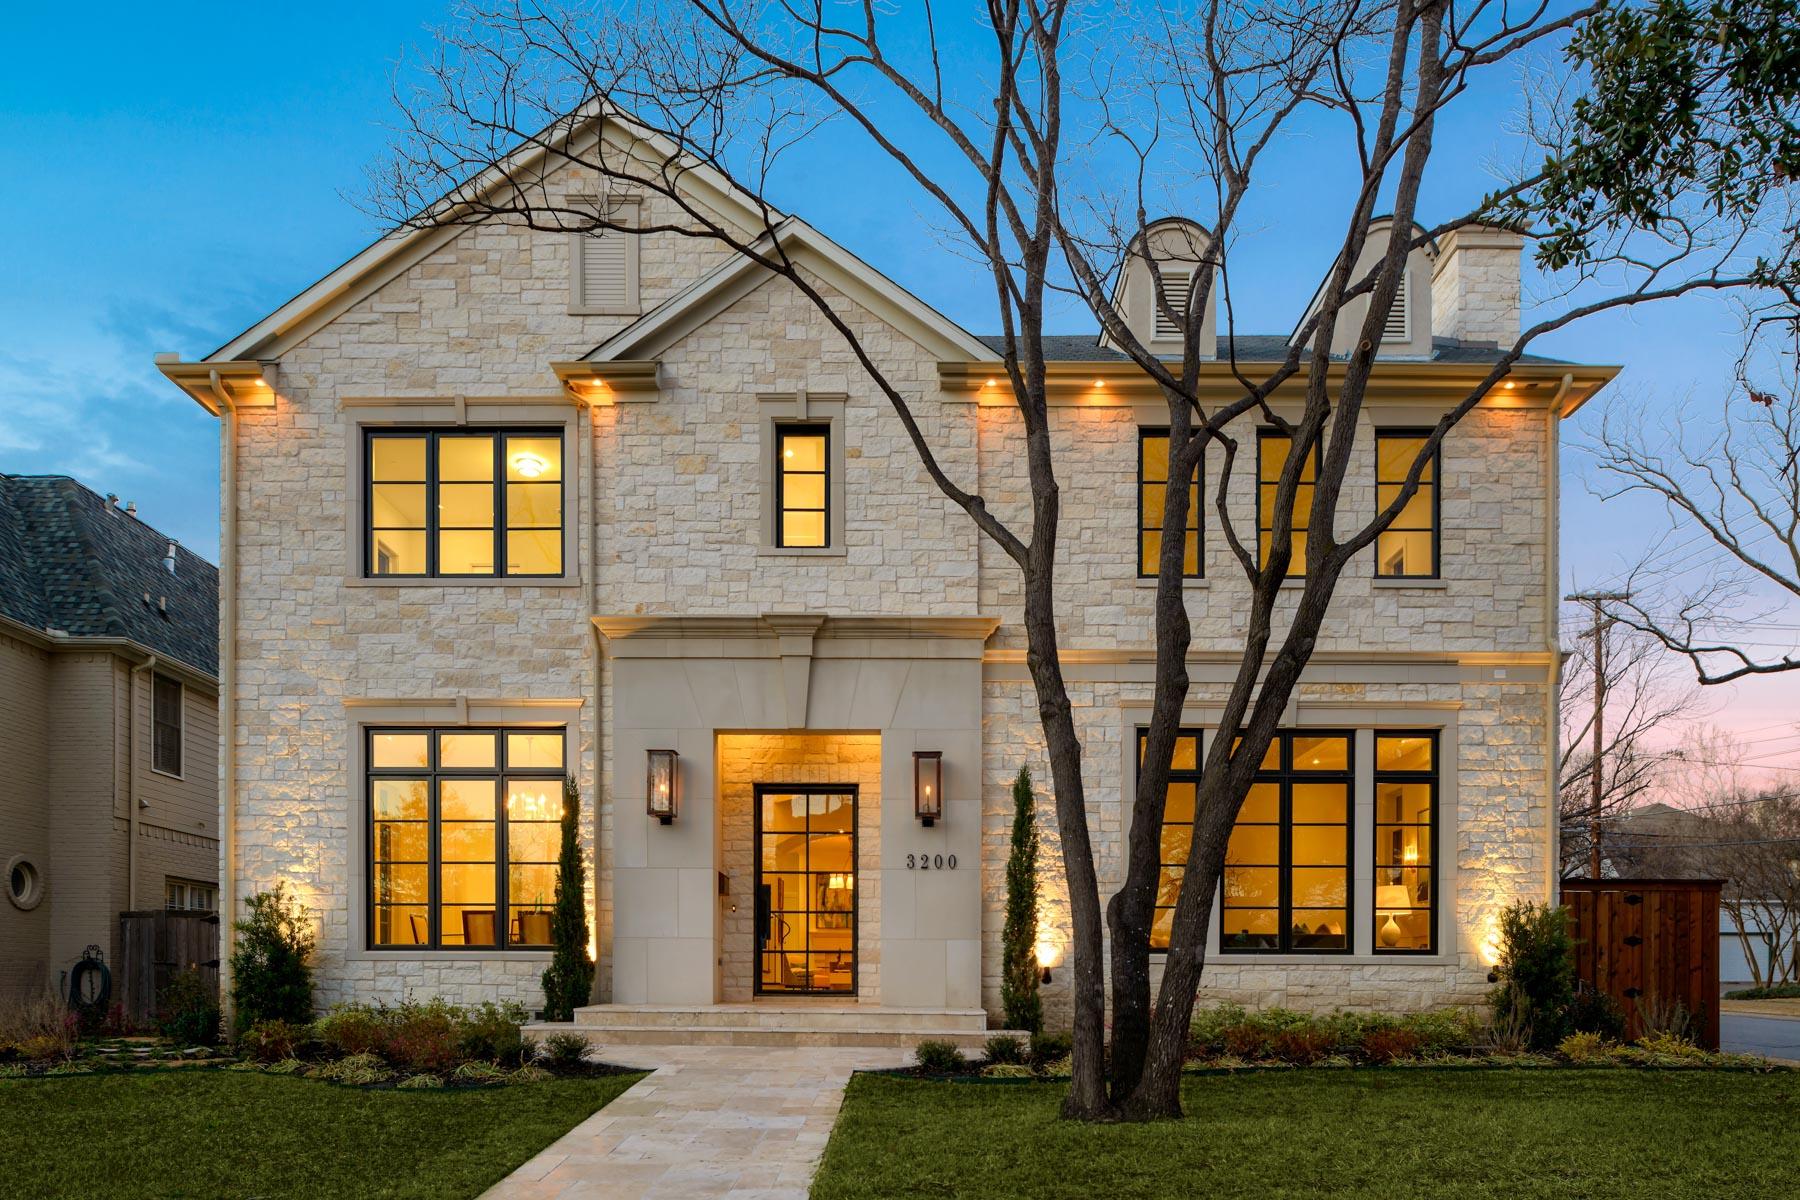 Casa Unifamiliar por un Venta en Stunning University Park New Construction 3200 Purdue Dallas, Texas, 75225 Estados Unidos